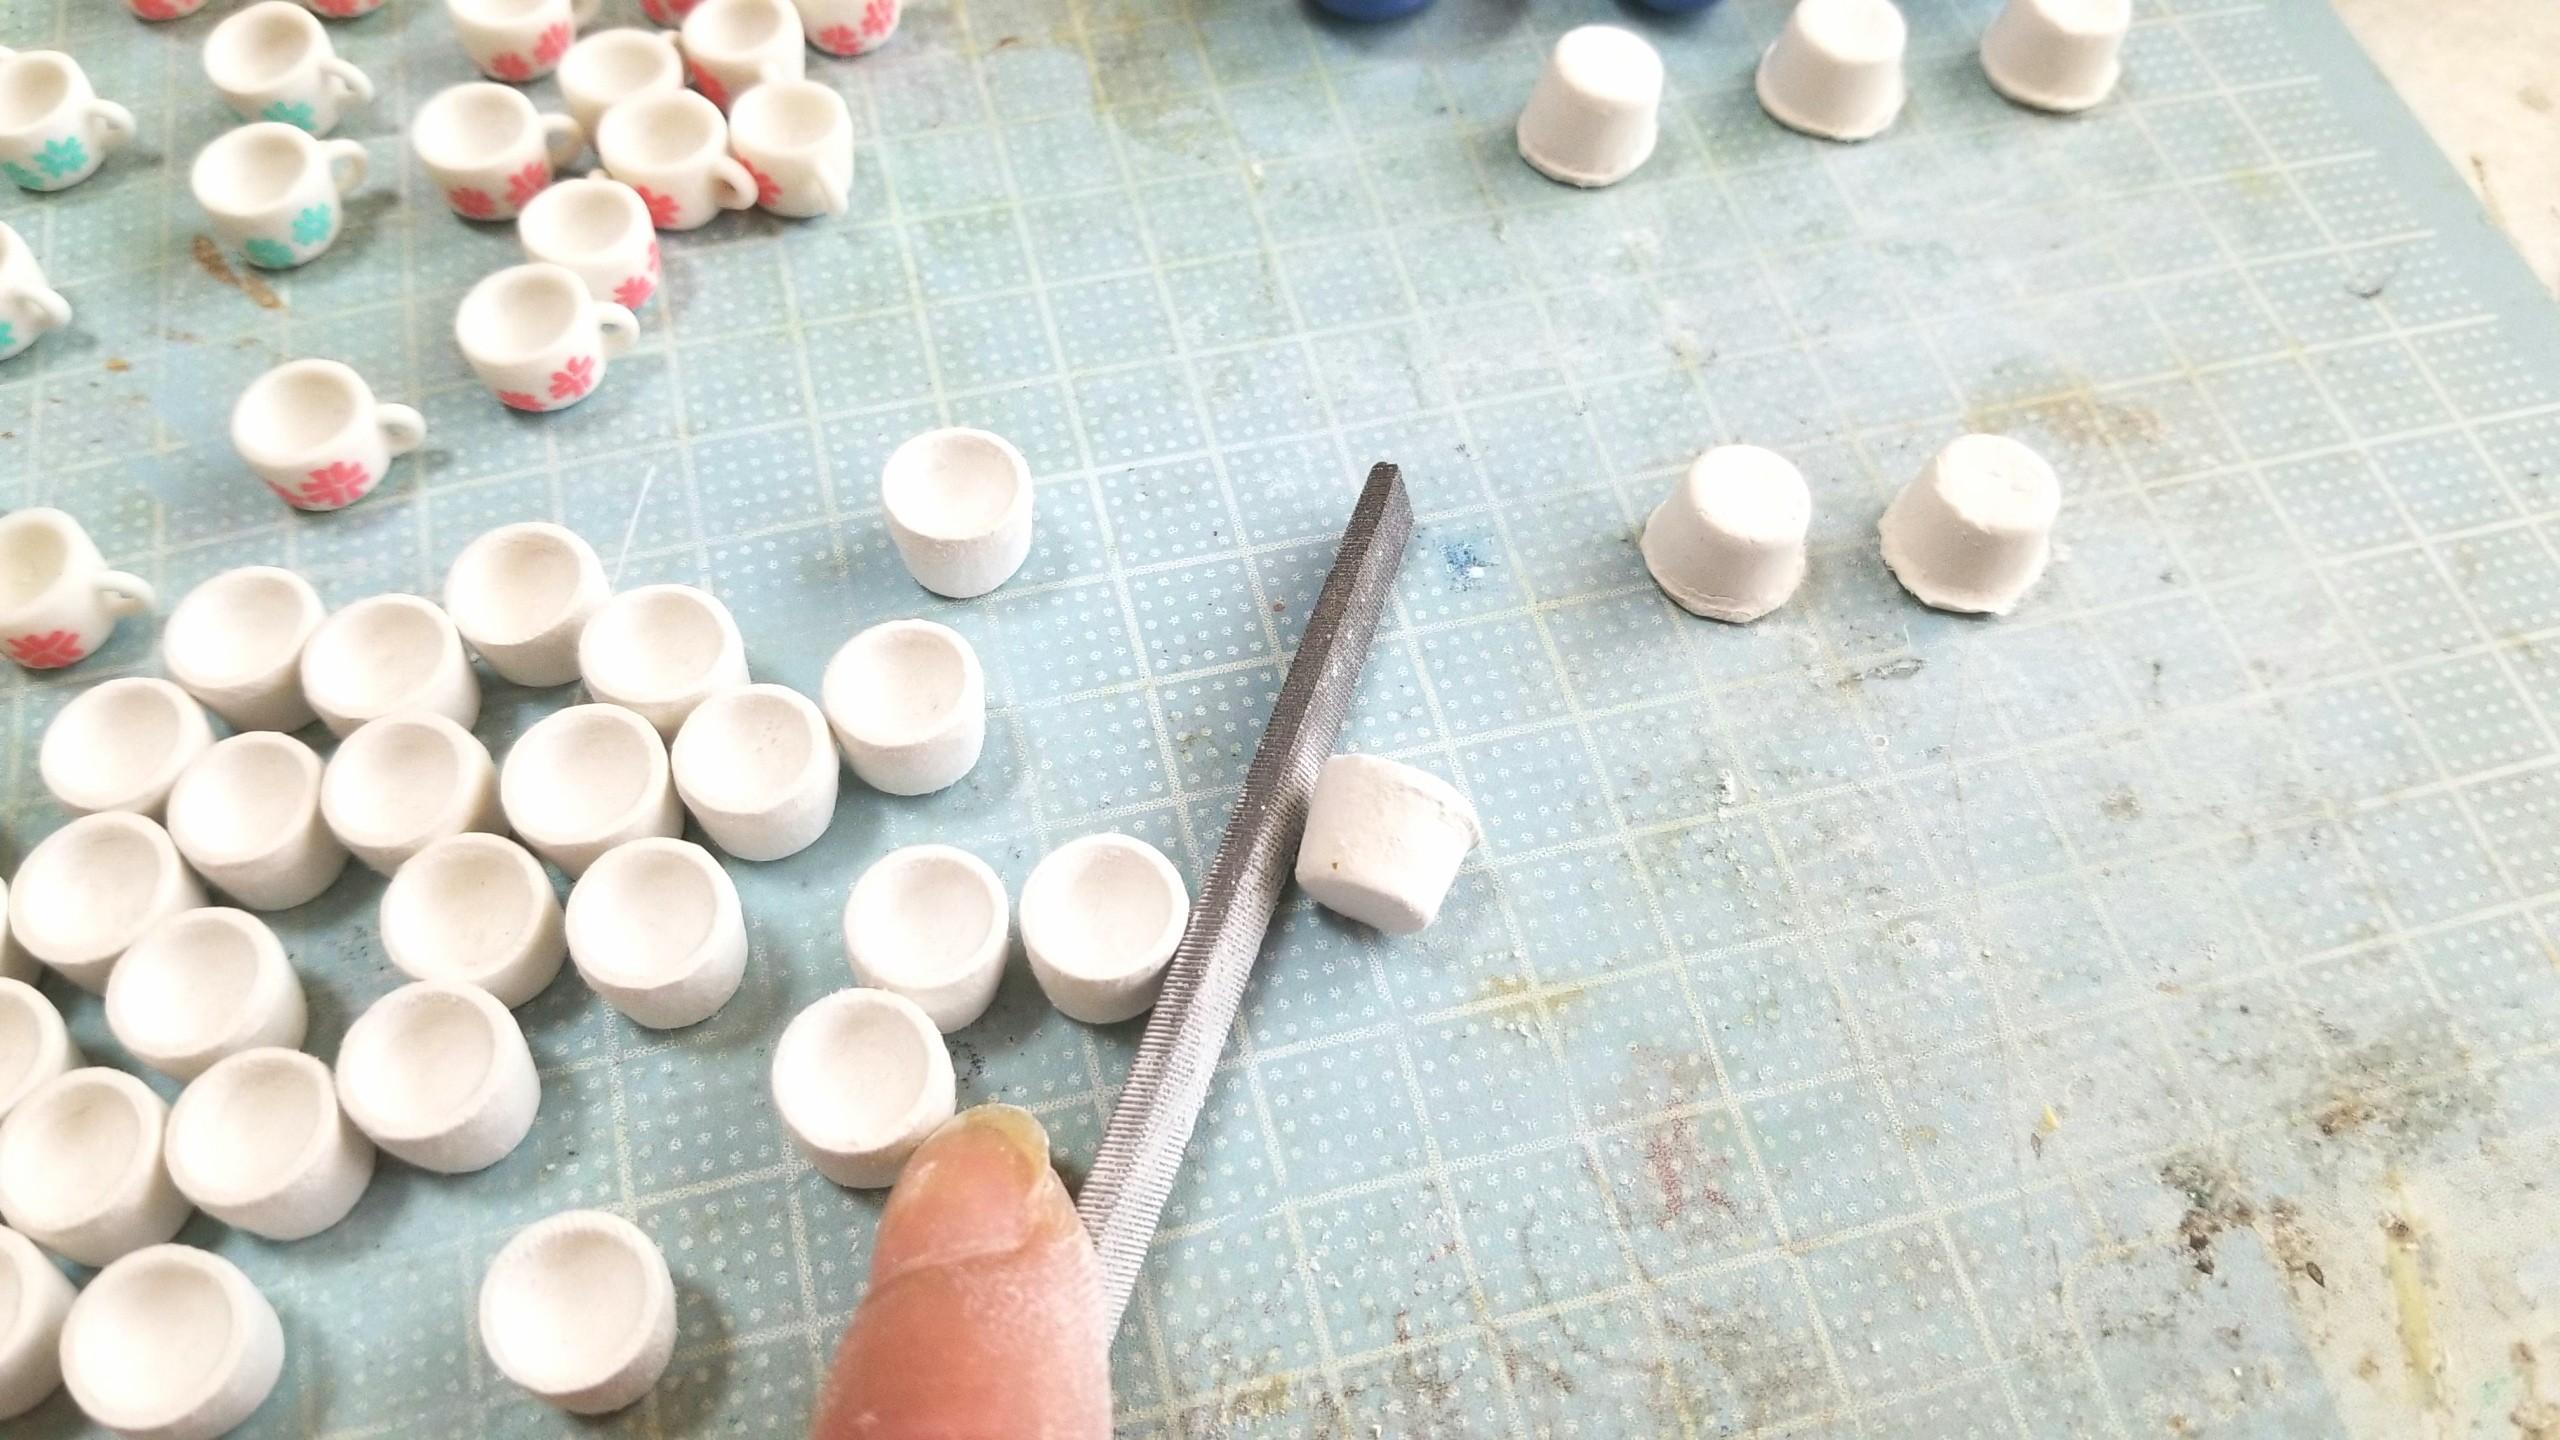 陶器風,お抹茶,ミニチュア,作り方,石塑粘土,食玩,おもちゃ,樹脂,和風